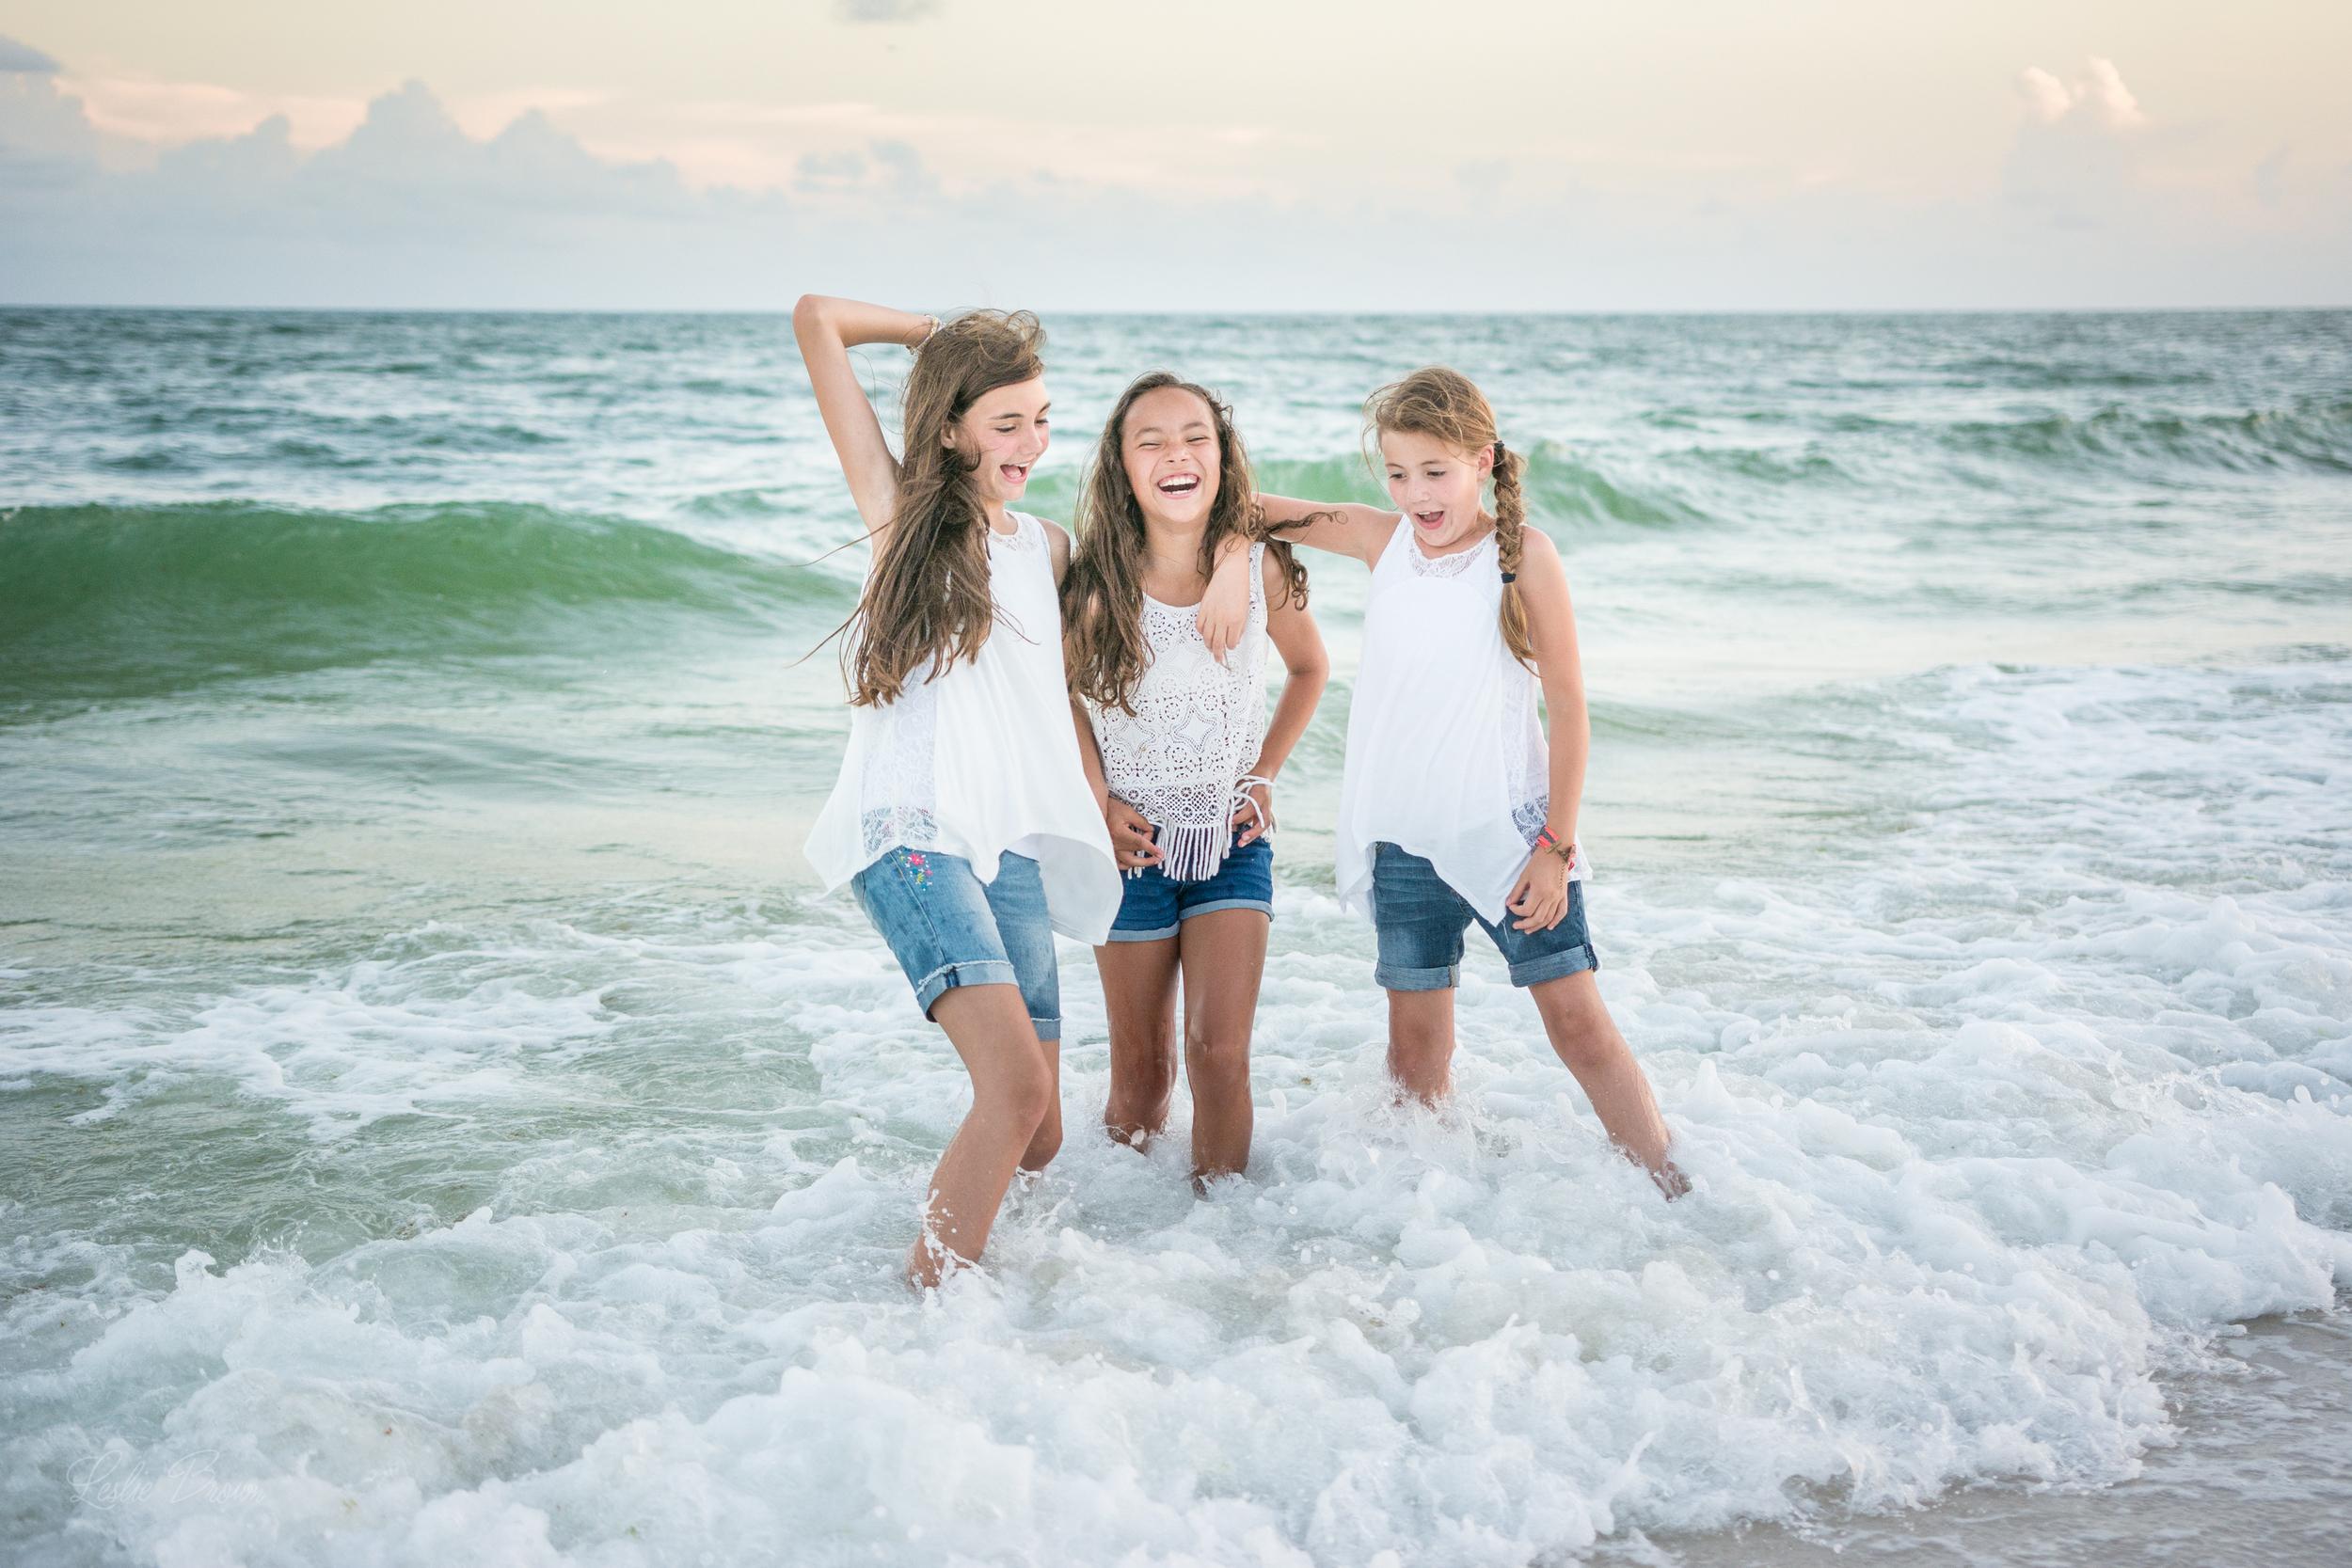 Krosch_PensacolaBeach_July_2016-1490.jpg